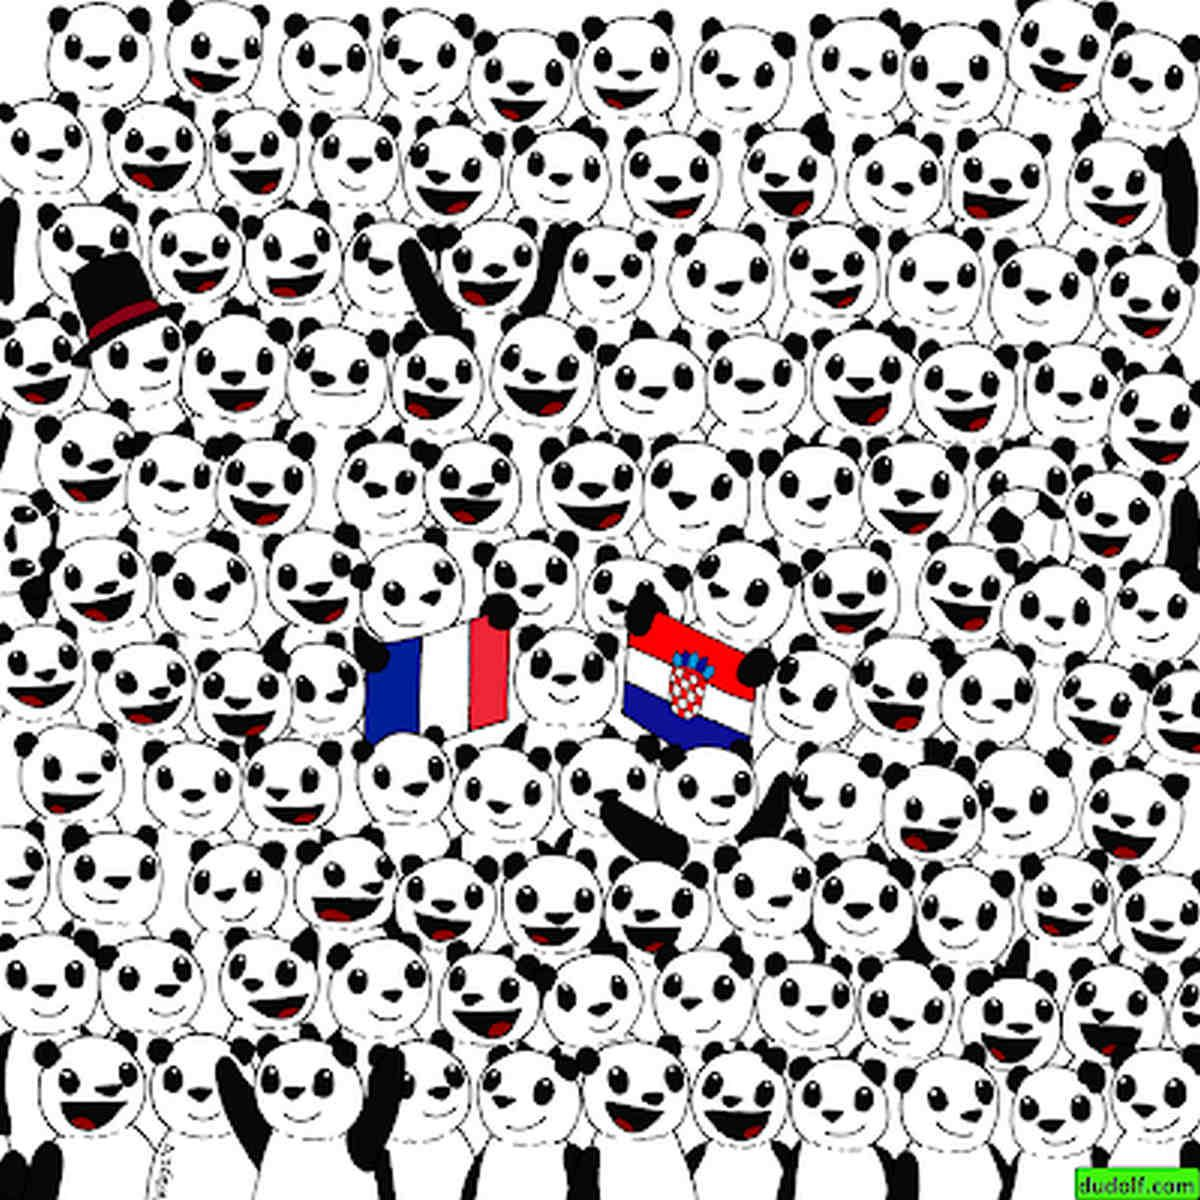 Entre los pandas que ves en la imagen, hay una pelota de fútbol. Encuéntrala y supera el reto viral. (Foto: dudolf.com)